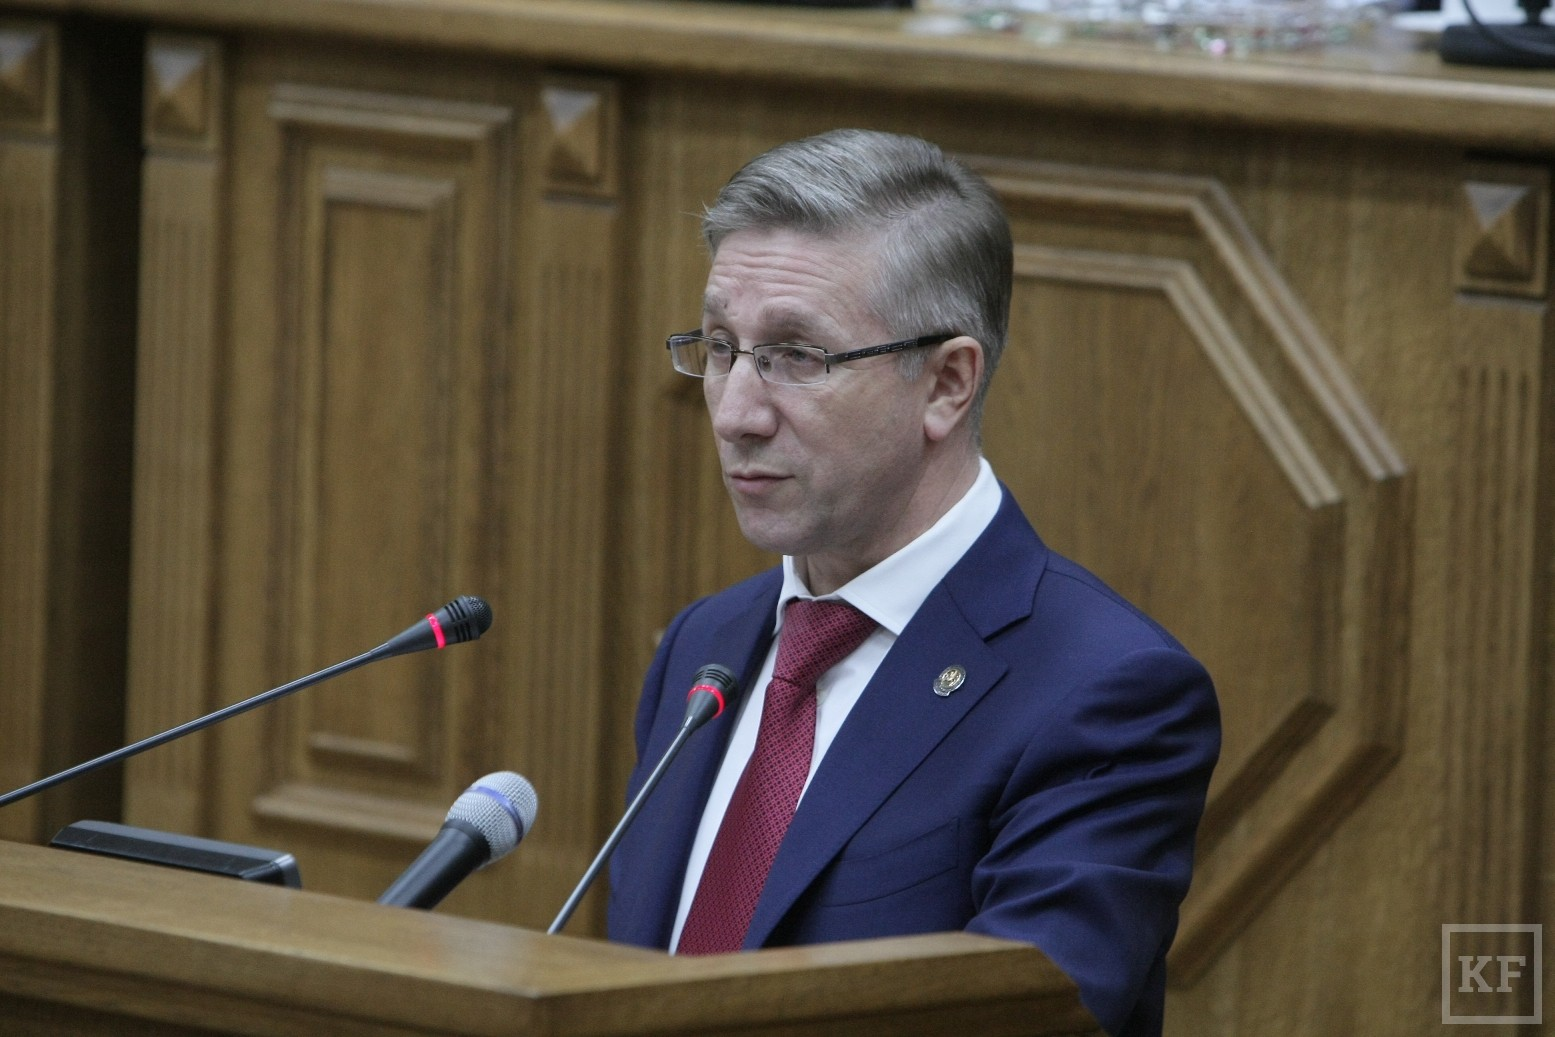 Предприятия в Татарстане в начале года снизили отчисления налогов. Но ситуация еще может измениться